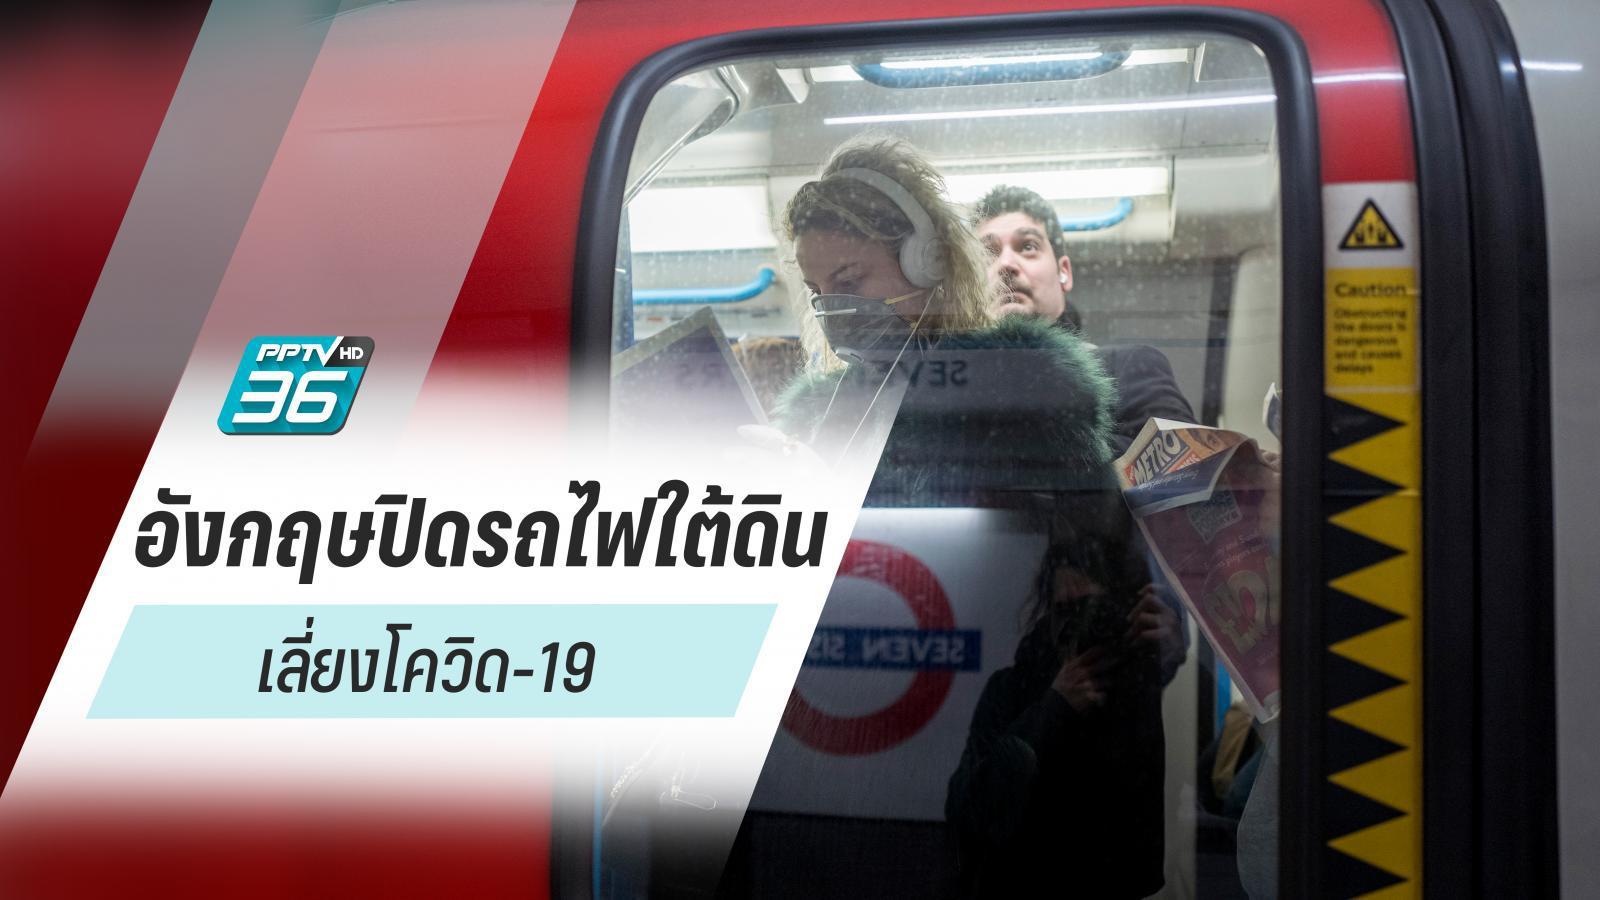 อังกฤษปิดรถไฟใต้ดิน 40 สถานีเลี่ยงโควิด-19